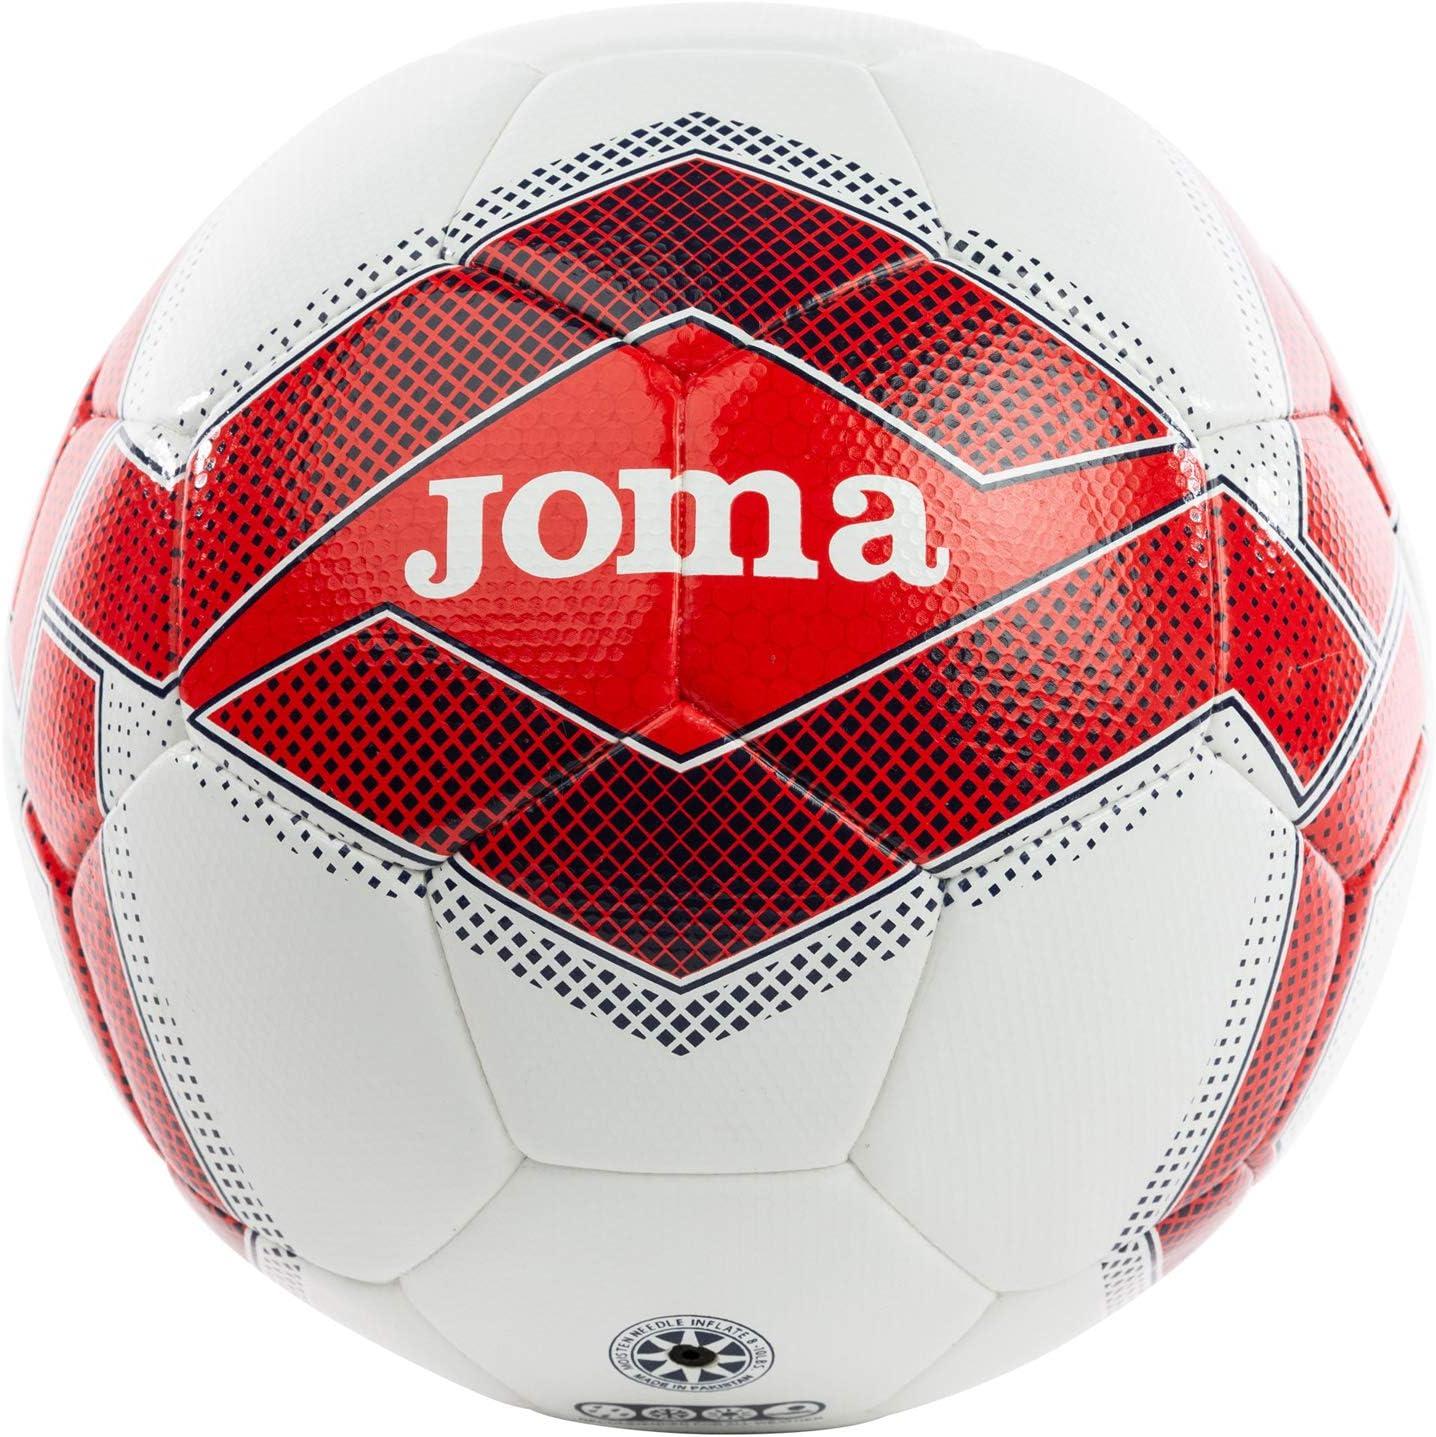 Joma 400456 - Bolas de Platino (12 Unidades), Color Rojo y Blanco ...